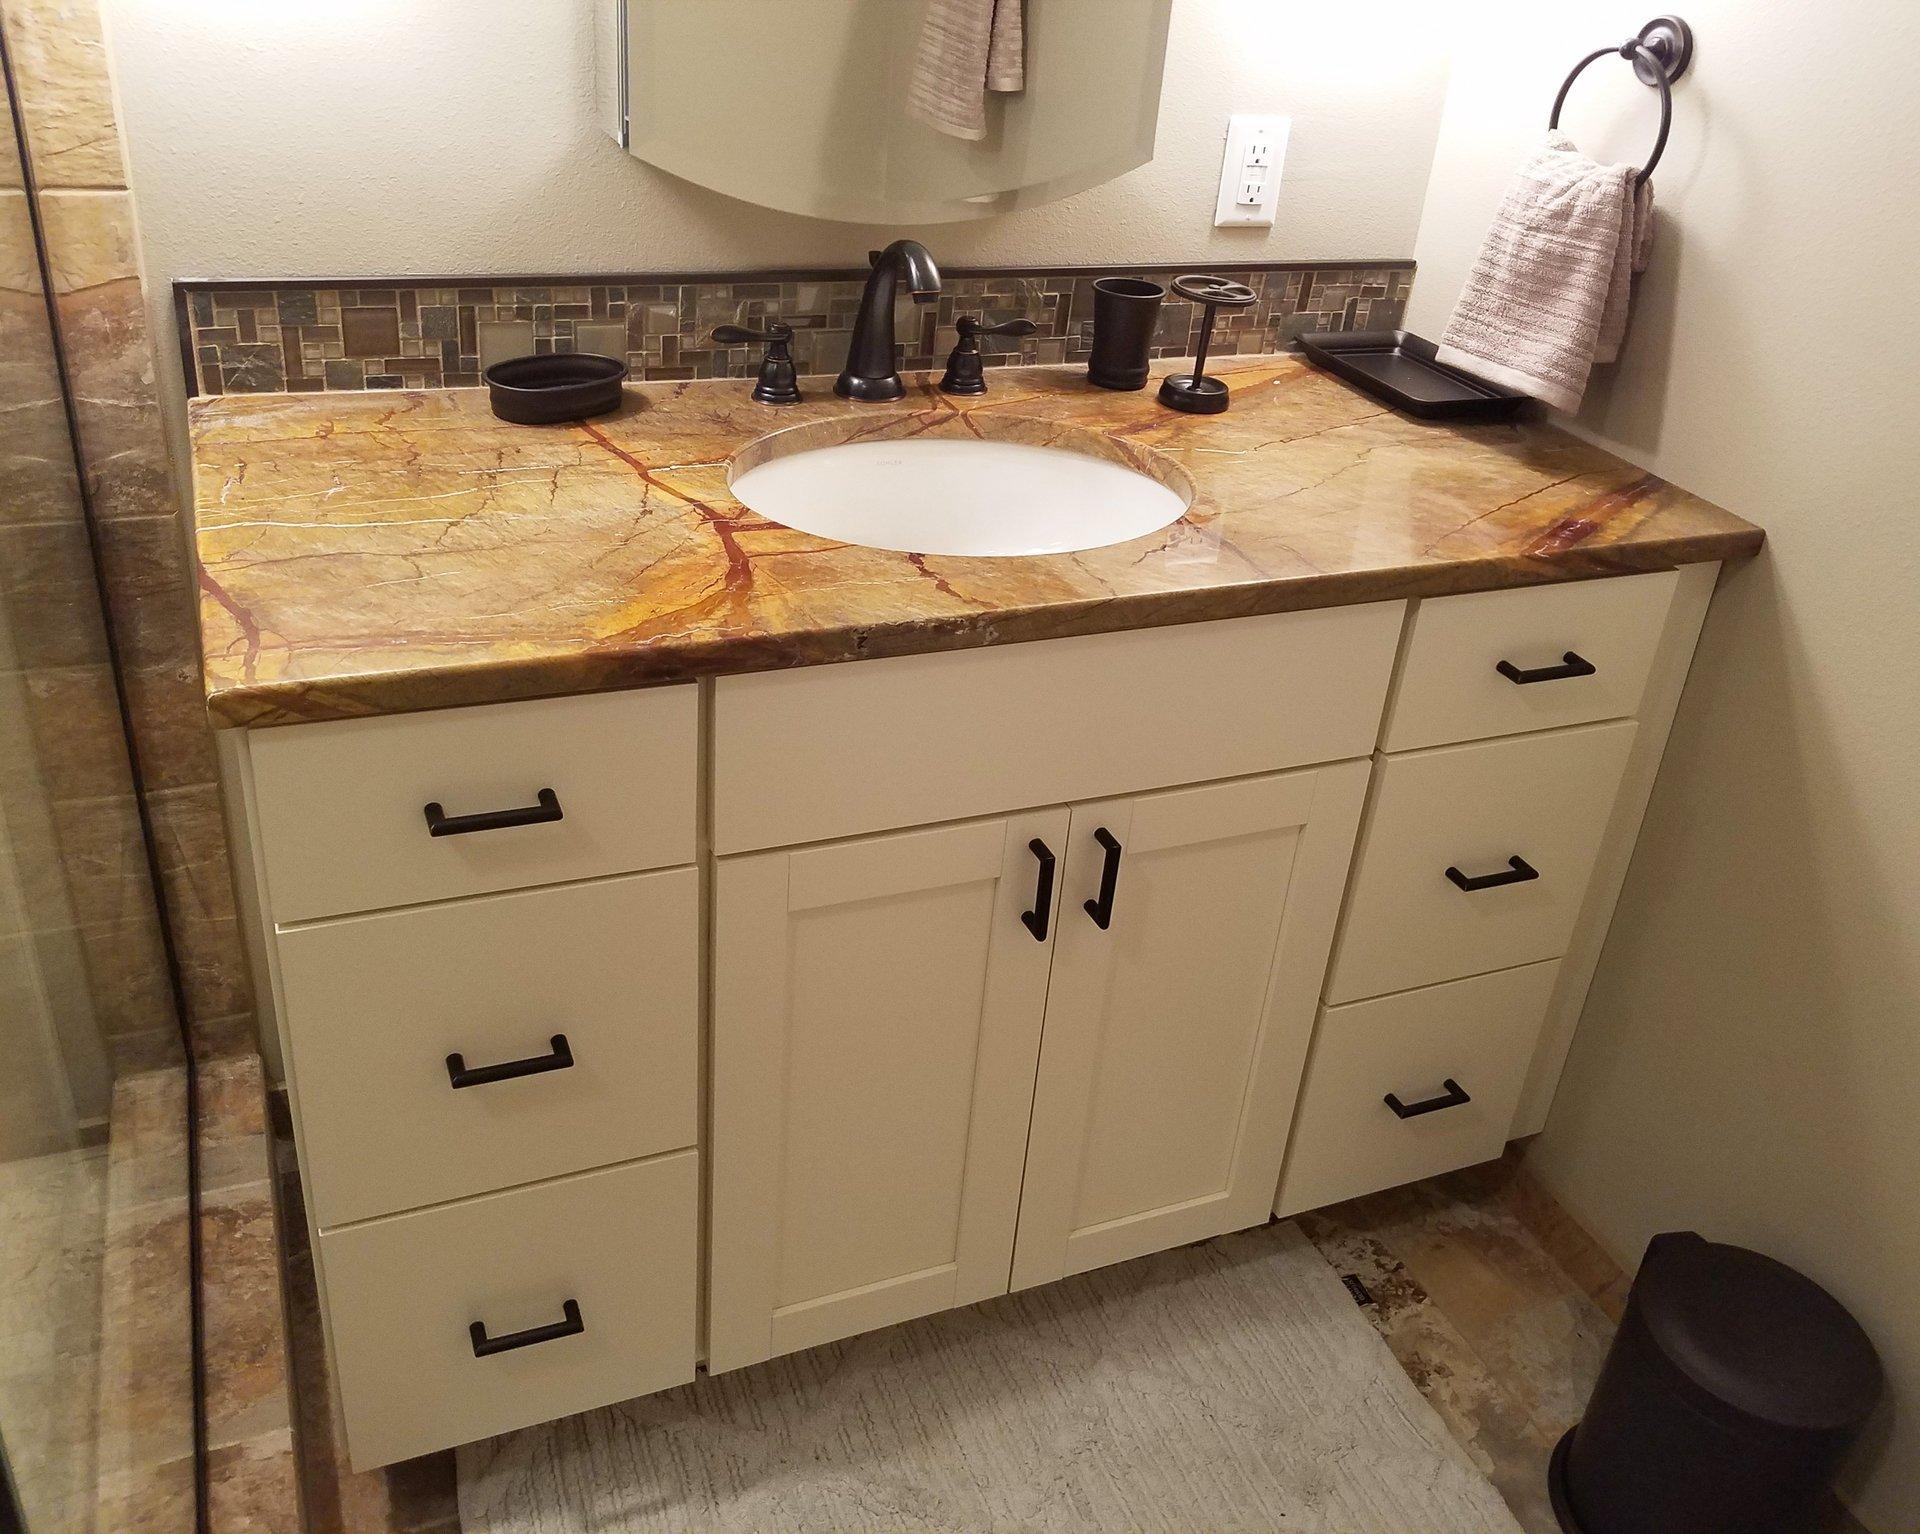 bathroom remodeling madison, wi, white vanity design, rainforest brown granite vanity countertop, tile splash around vanity